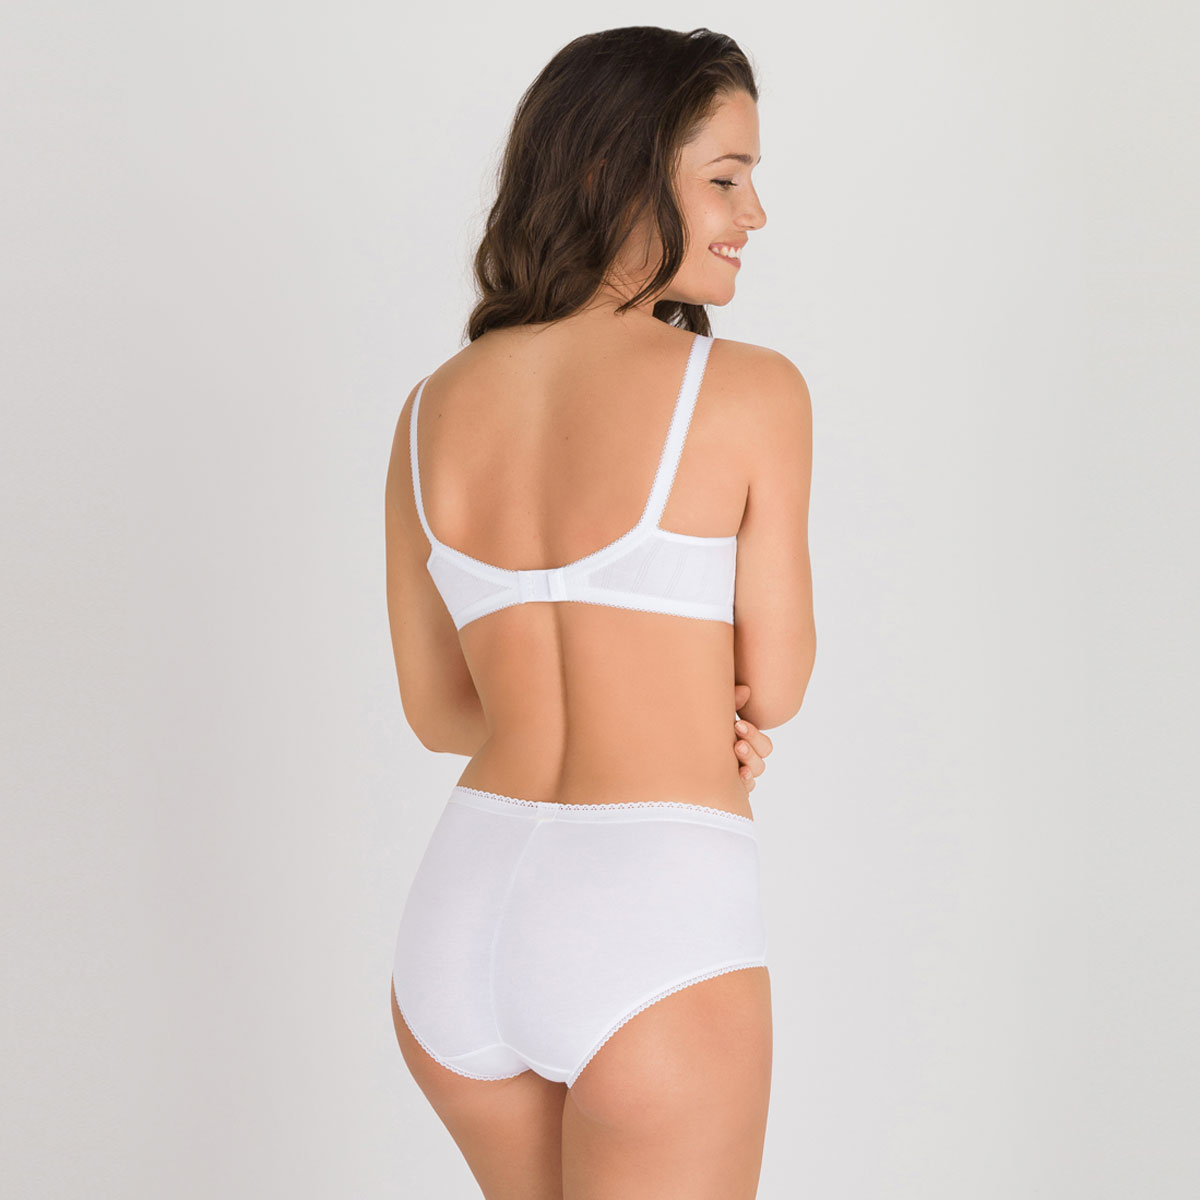 2 Midi Briefs in White – Cotton & Lace-PLAYTEX